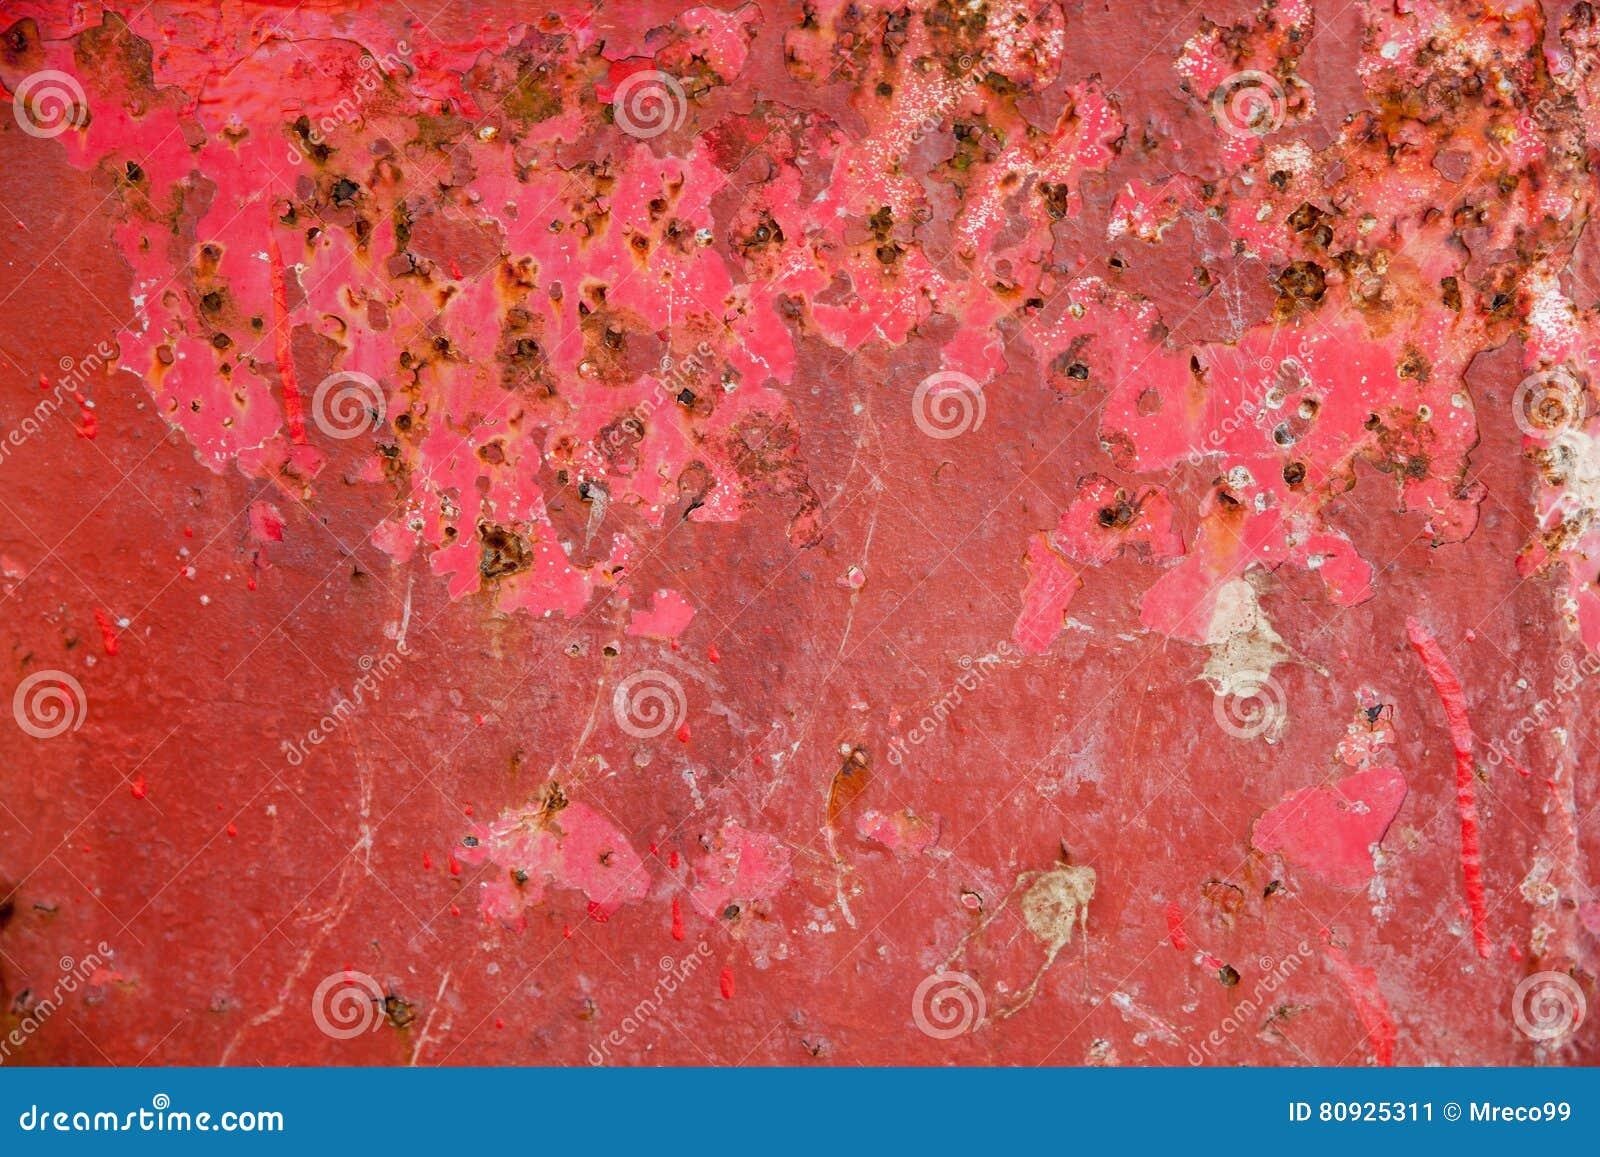 Roter Metallschmutzhintergrund